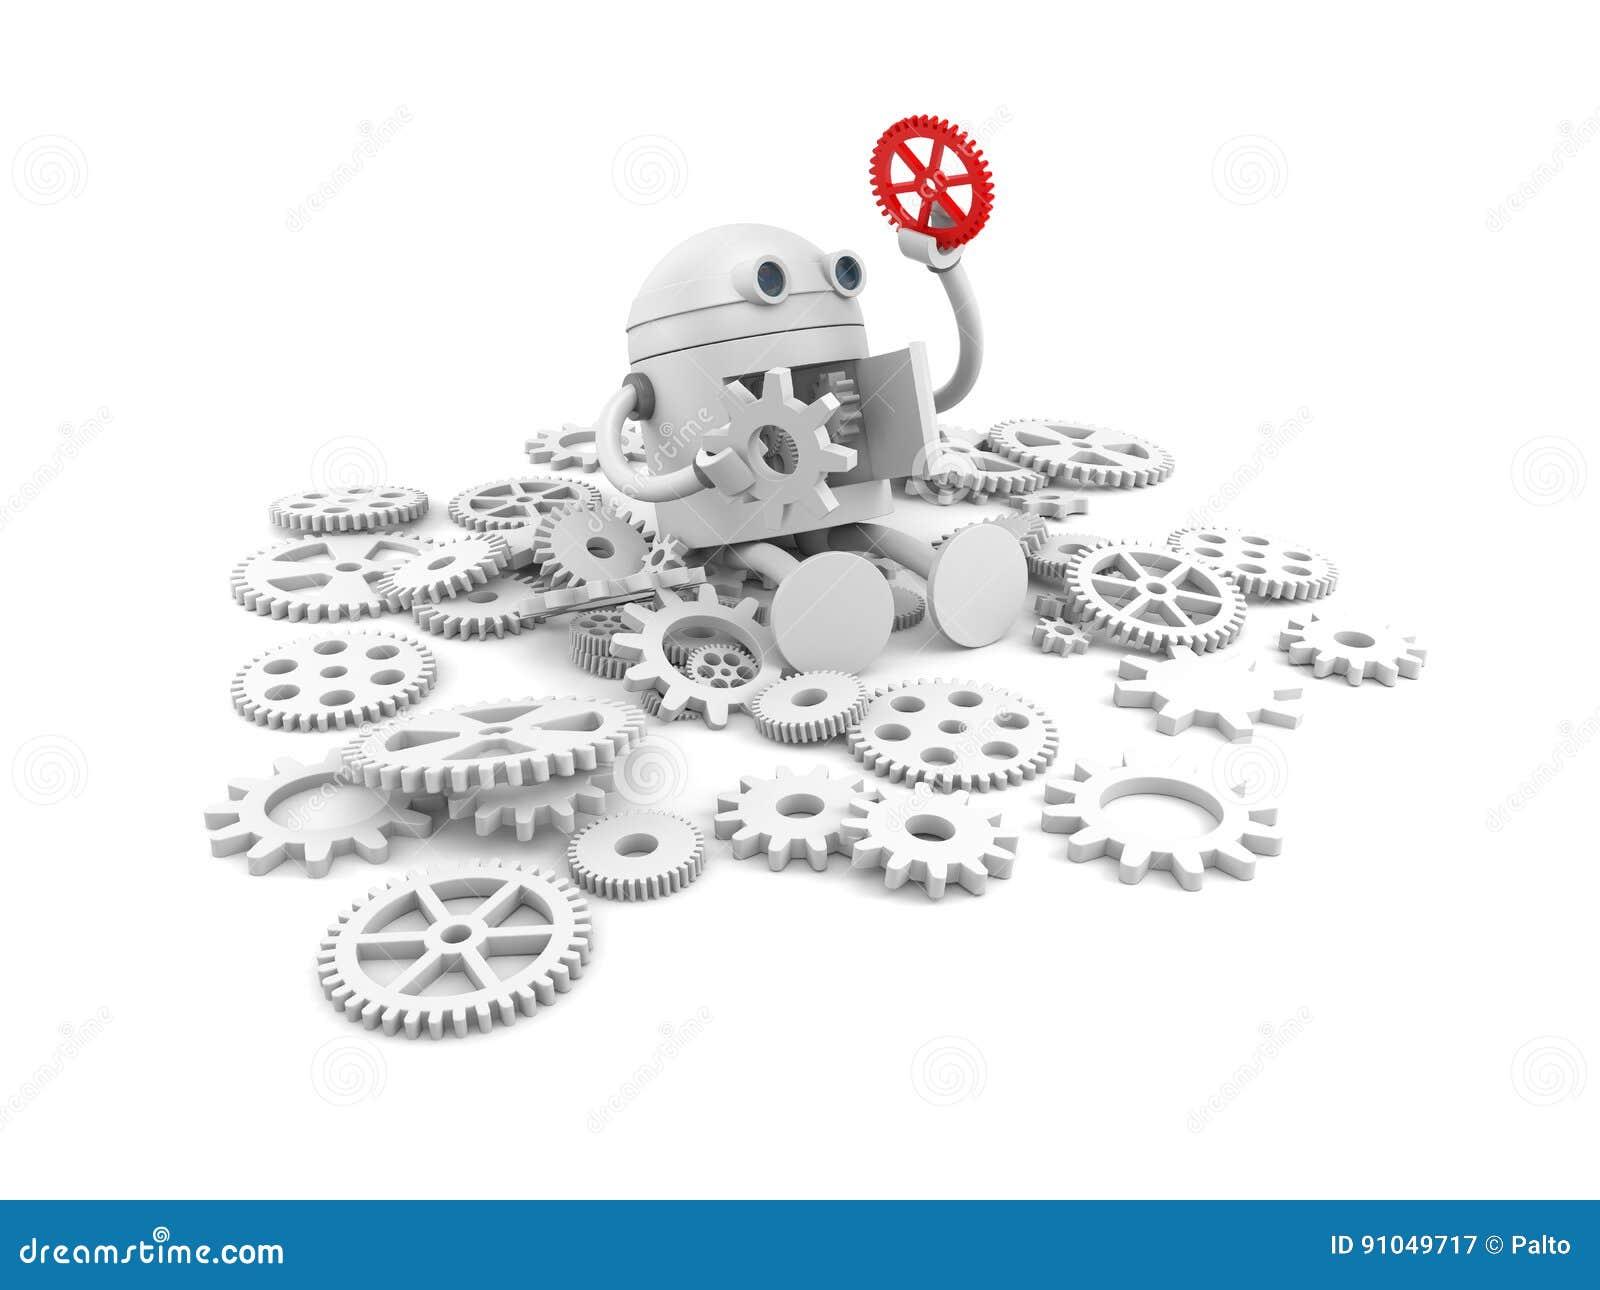 Defekter Roboter mit Details seines Mechanismus Für Ihre Websiteprojekte